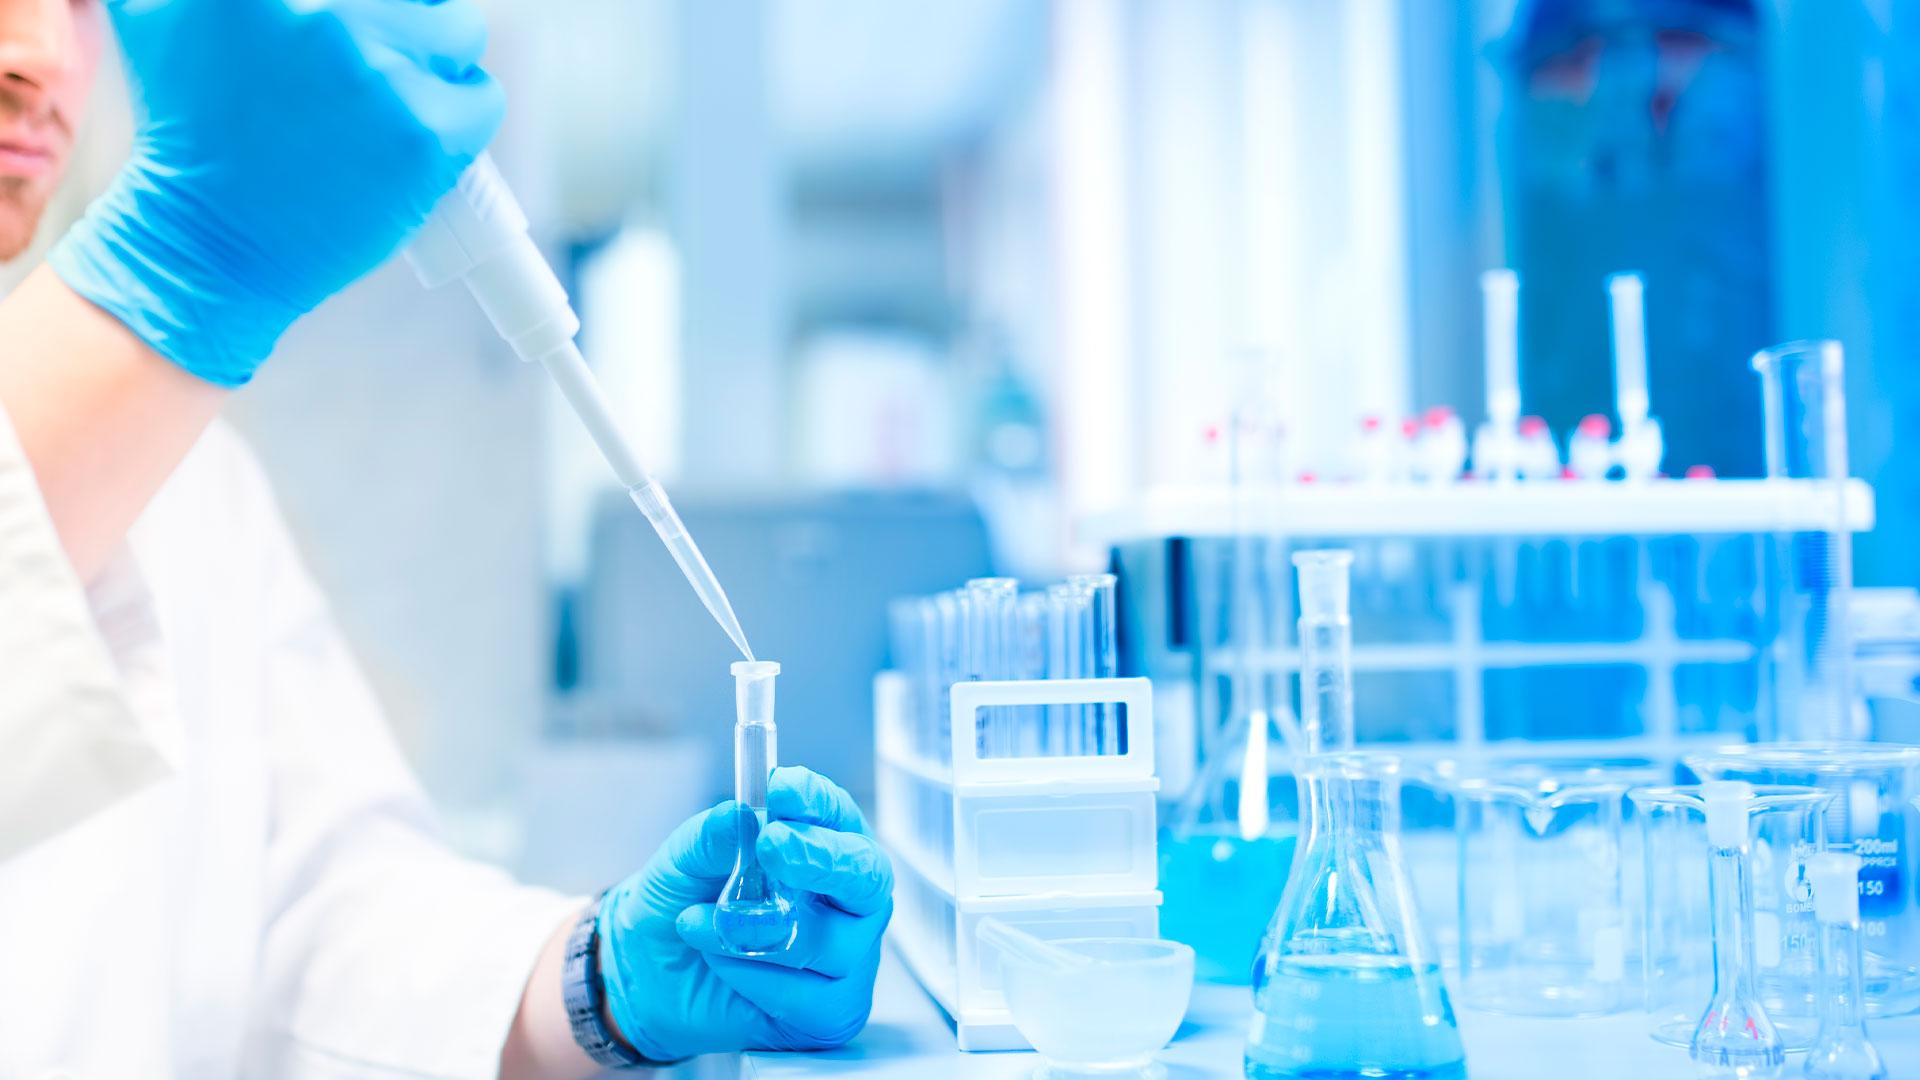 Monitoraggio glicemico nel paziente diabetico: in corso di sviluppo un test sulla saliva